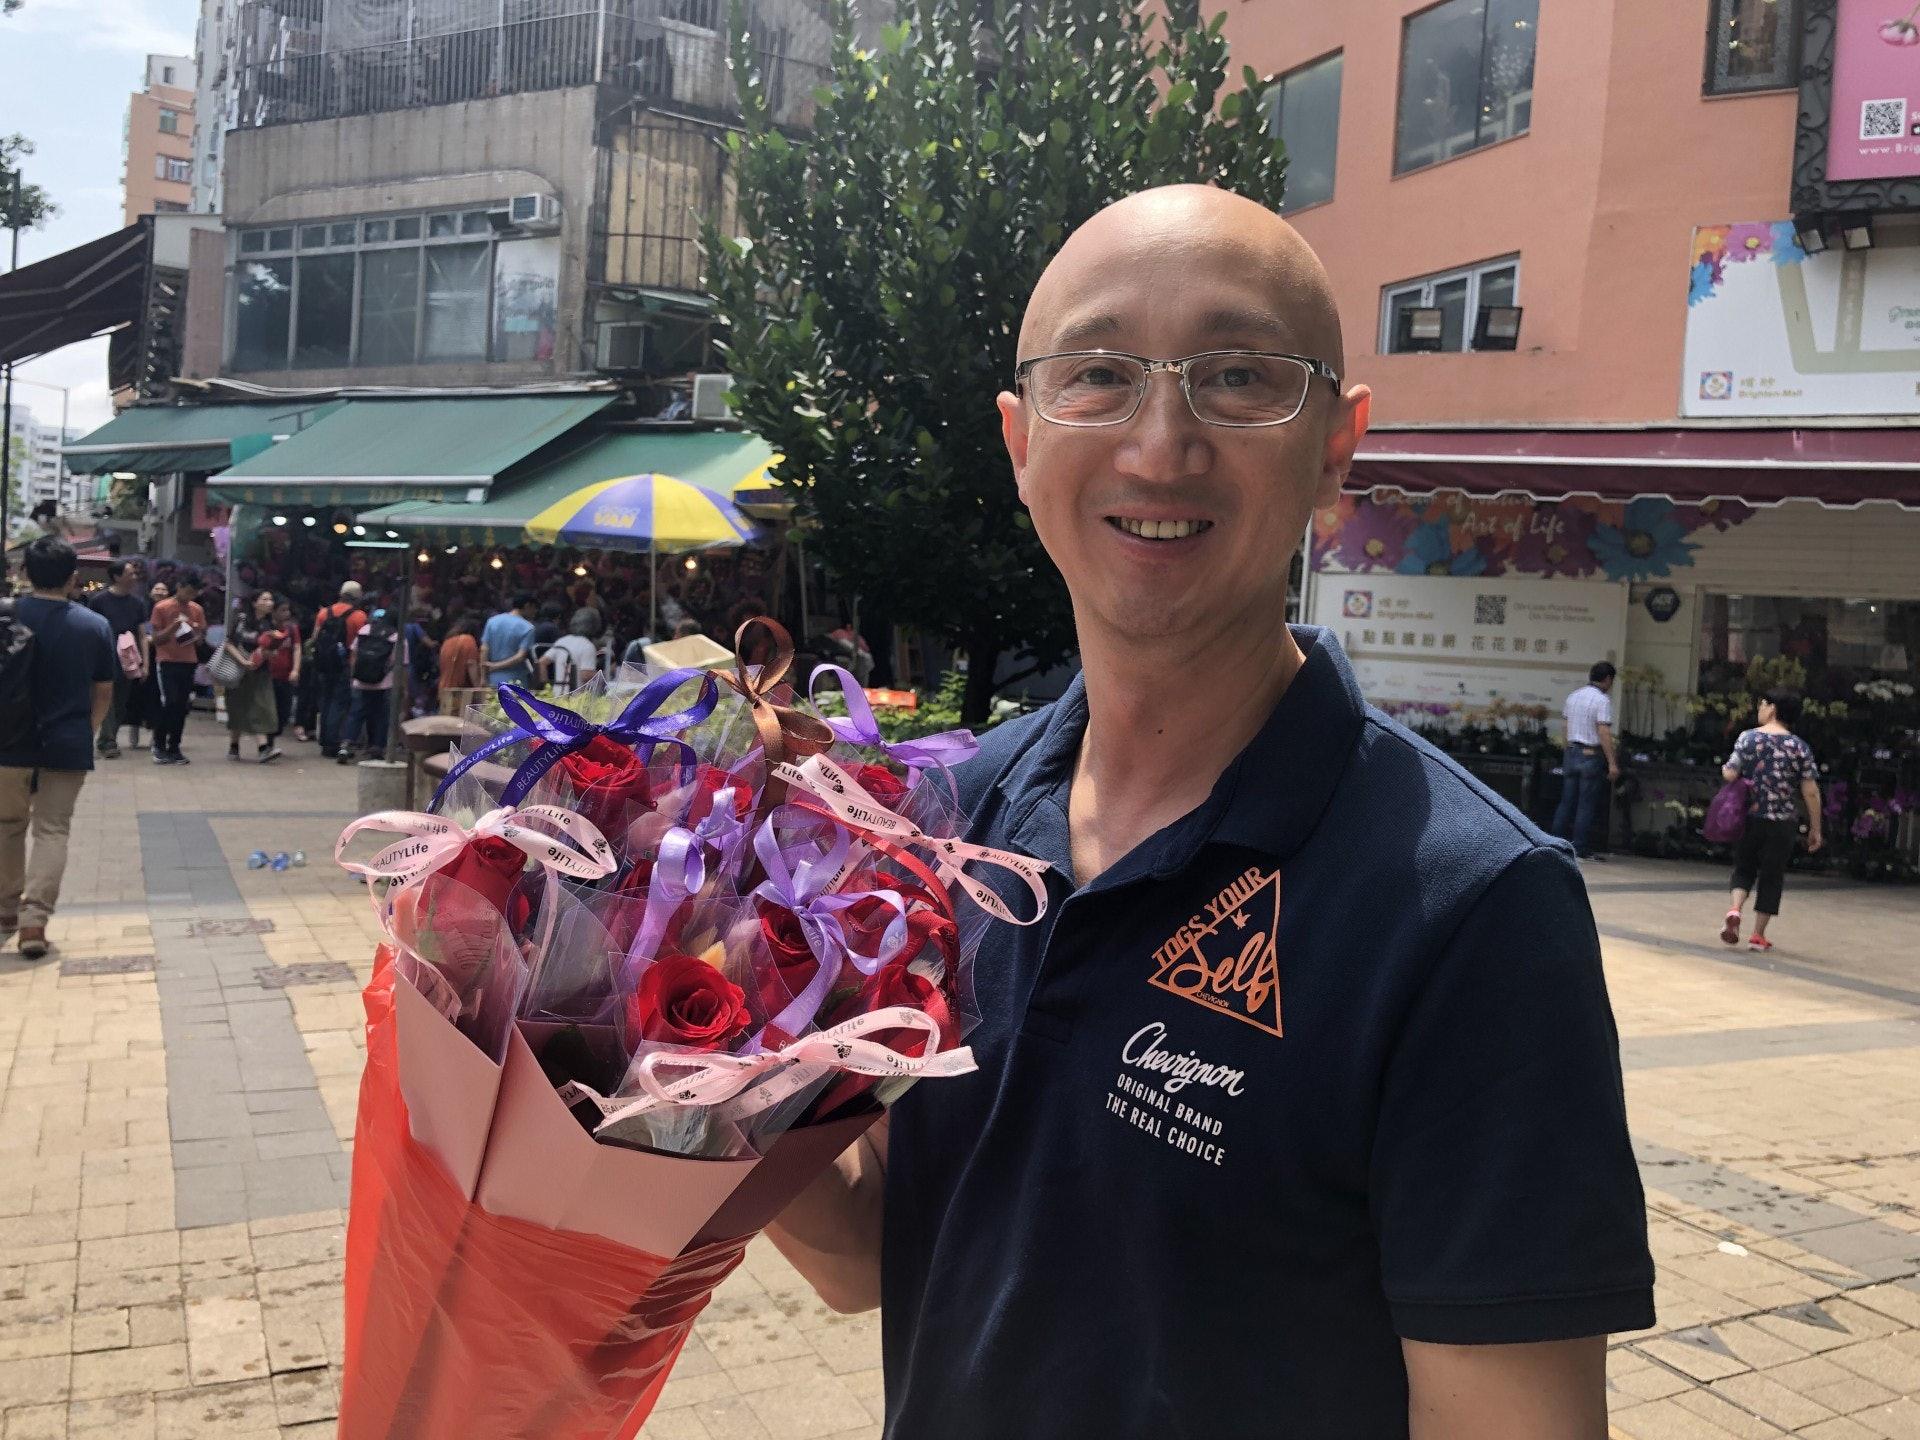 李先生一口氣買了九枝獨立包裝玫瑰花,與家人分享快樂。(勞敏儀攝)